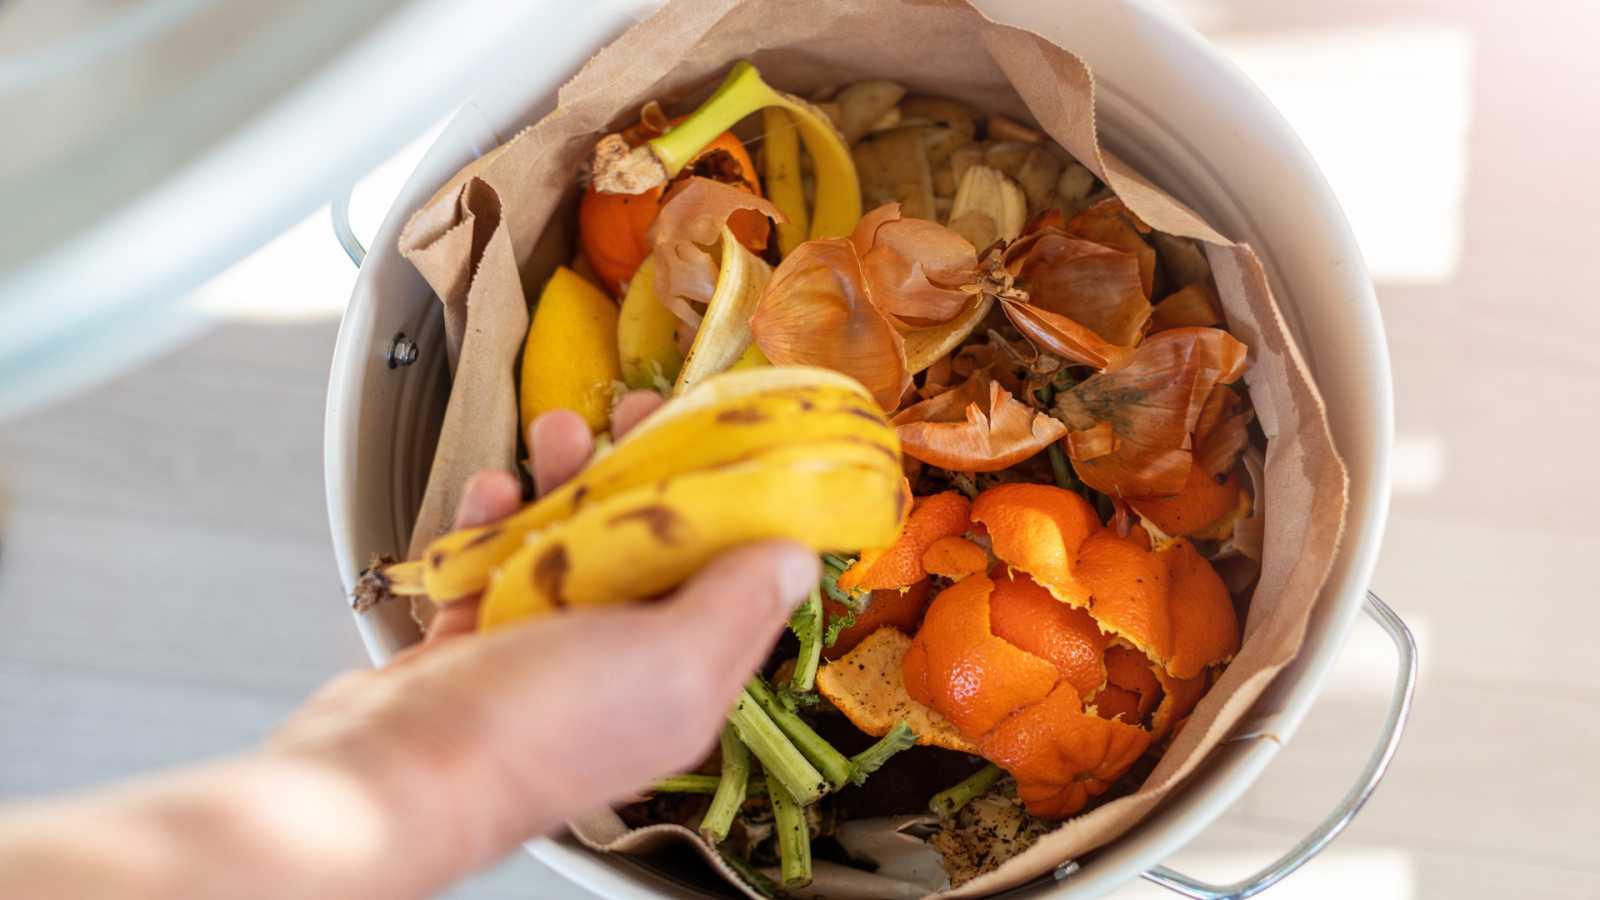 España Directo - ¿Cómo podemos no desperdiciar alimentos?